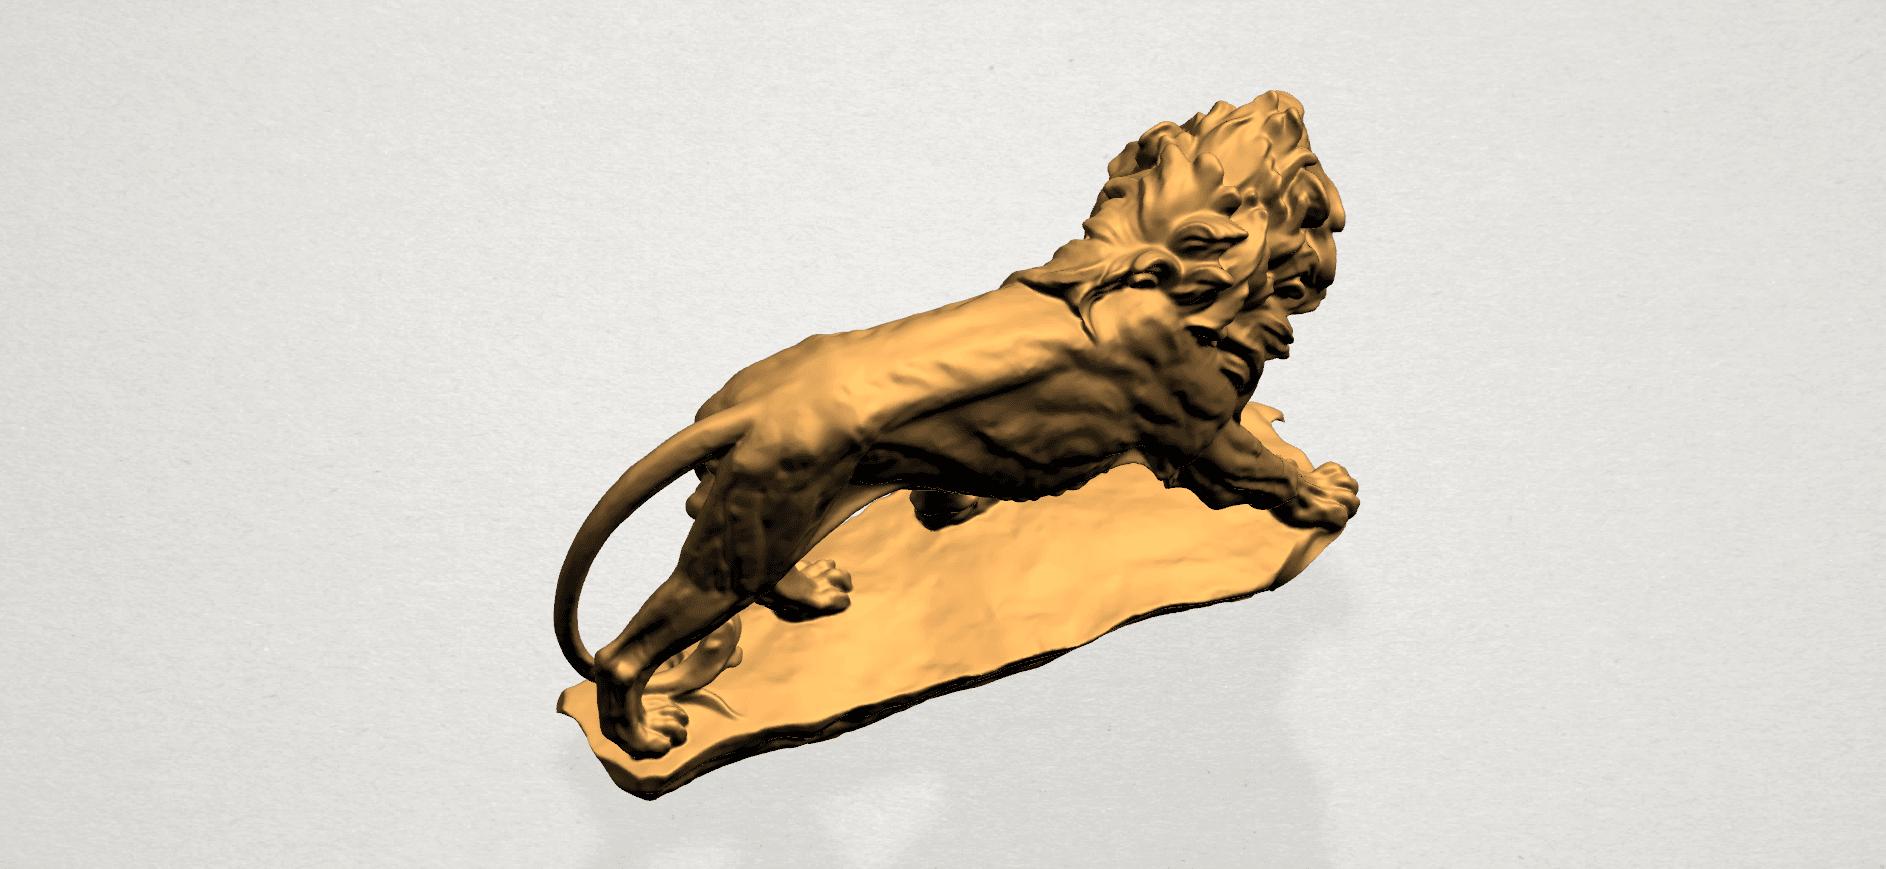 Lion (ii) -50mm-A04.png Télécharger fichier STL gratuit Lion 02 • Design pour impression 3D, GeorgesNikkei